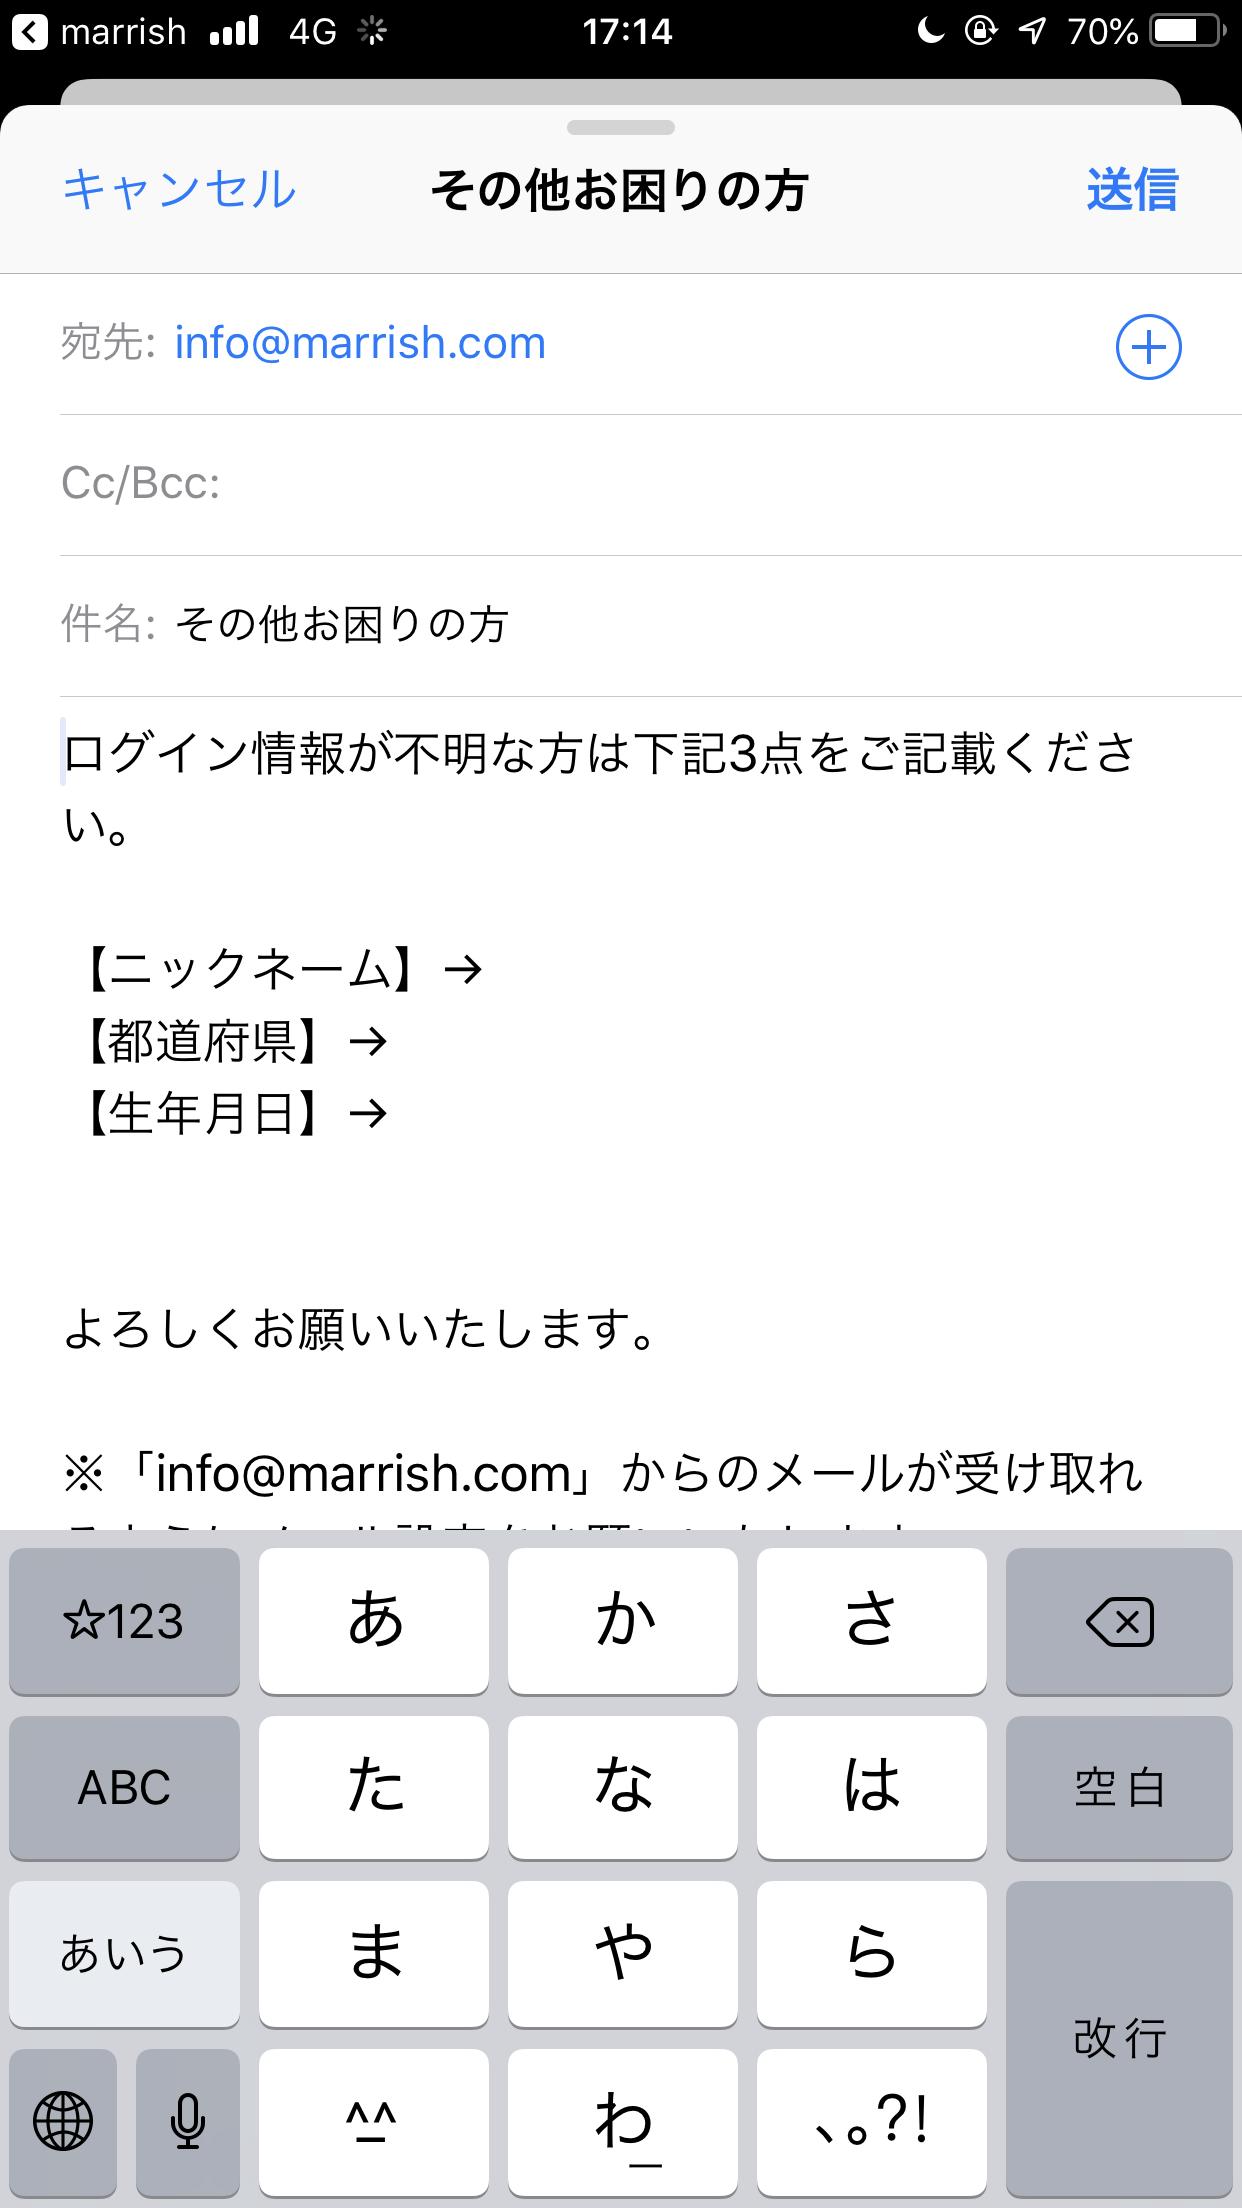 マリッシュ ニックネーム都道府県生年月日を入力してメール送信